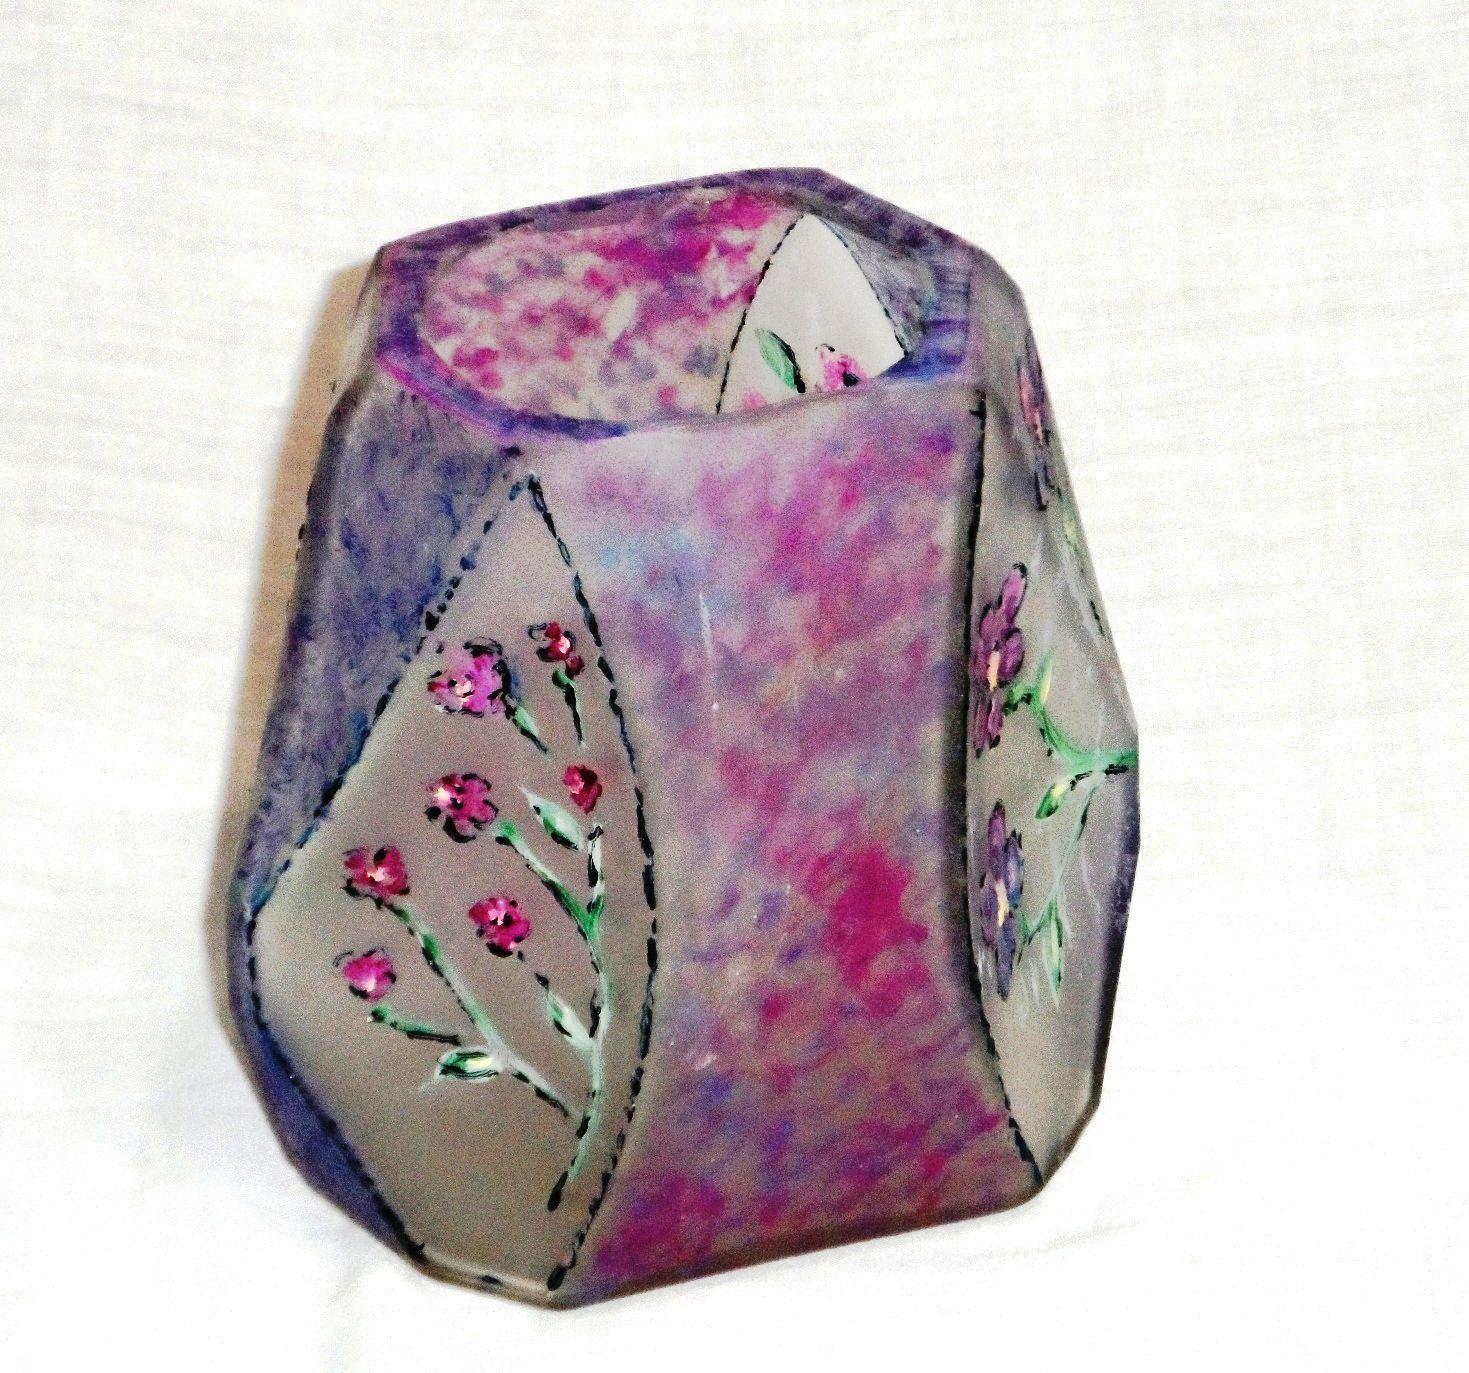 vaso em vidro com pintura de flores a mão Marberan Artes